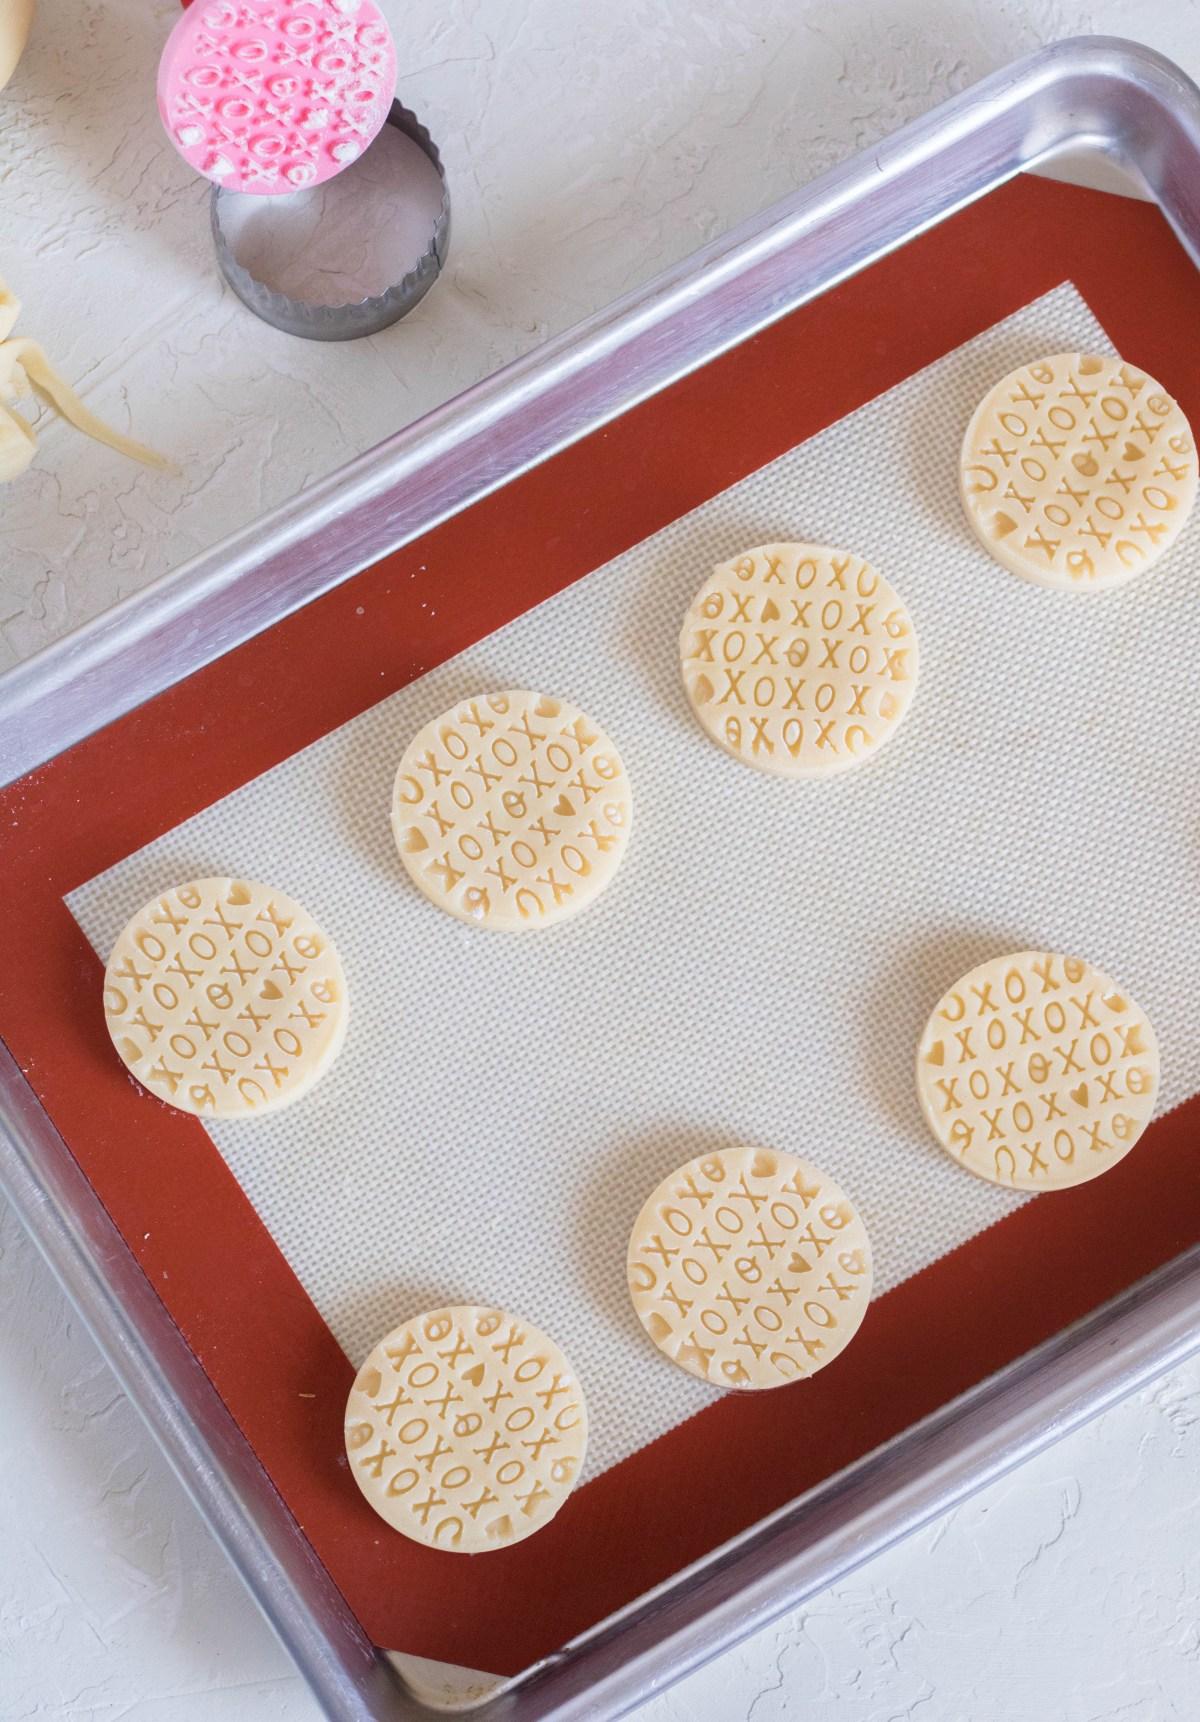 shortbread cookies for freezer